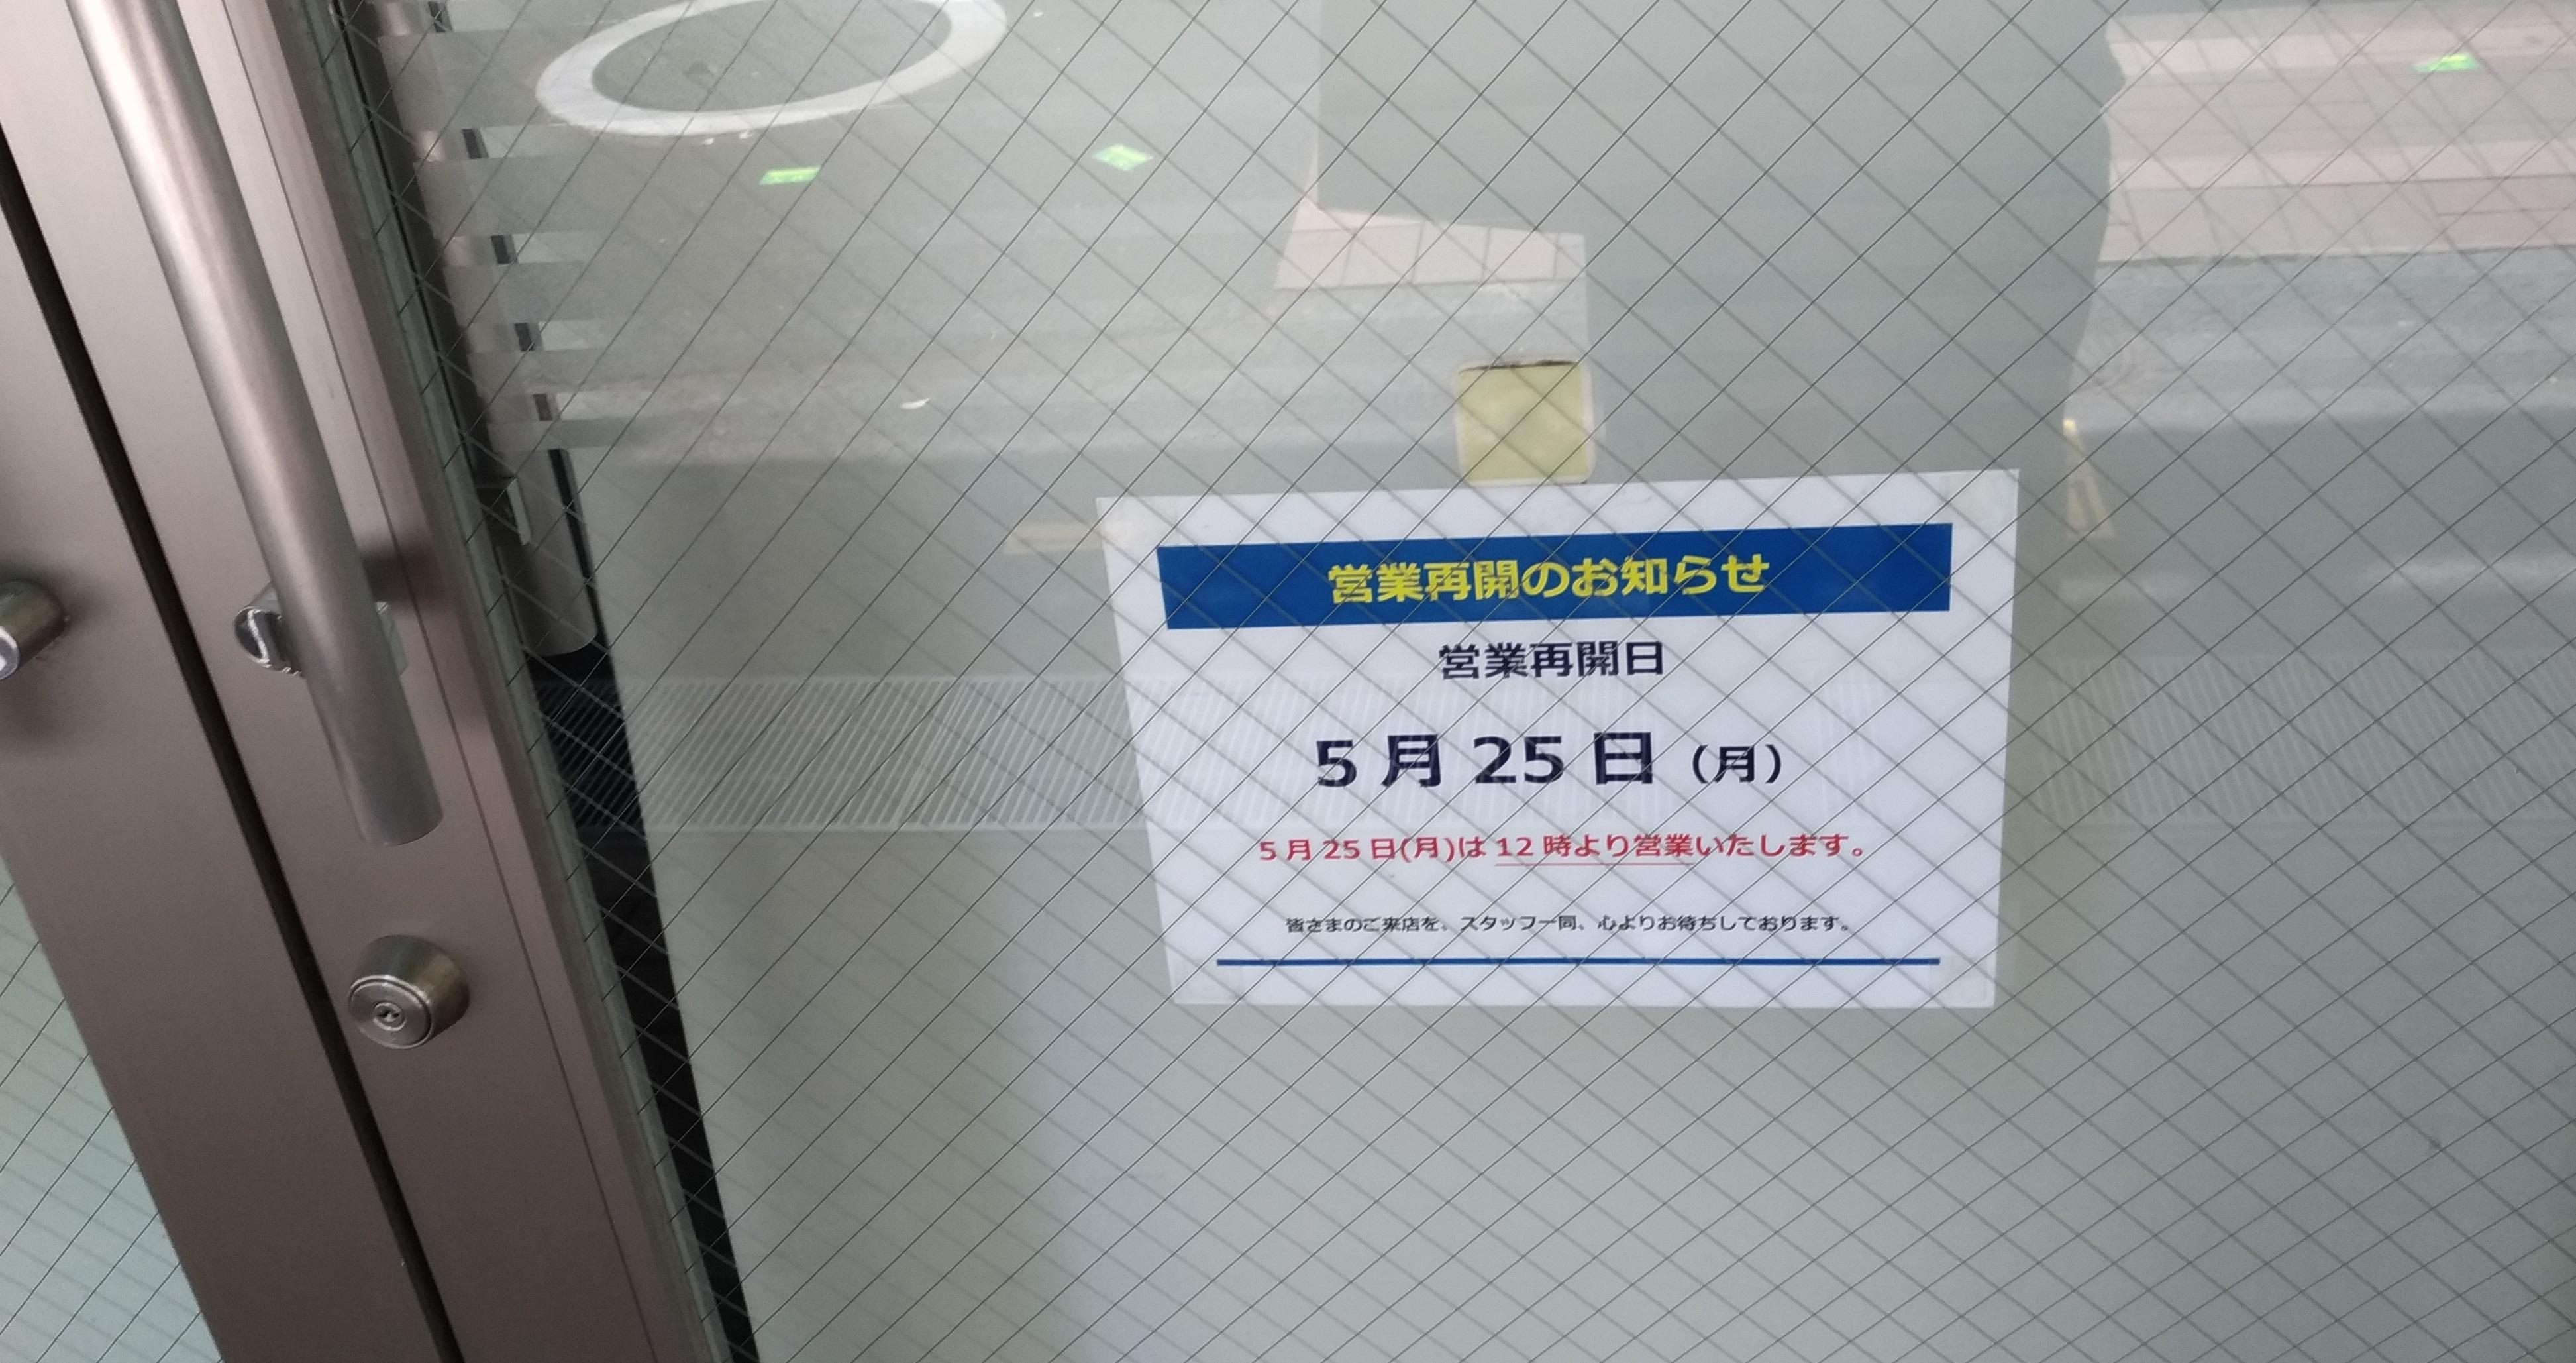 QBhouse_osaka_umeda_umekomich_0523_3.jpg